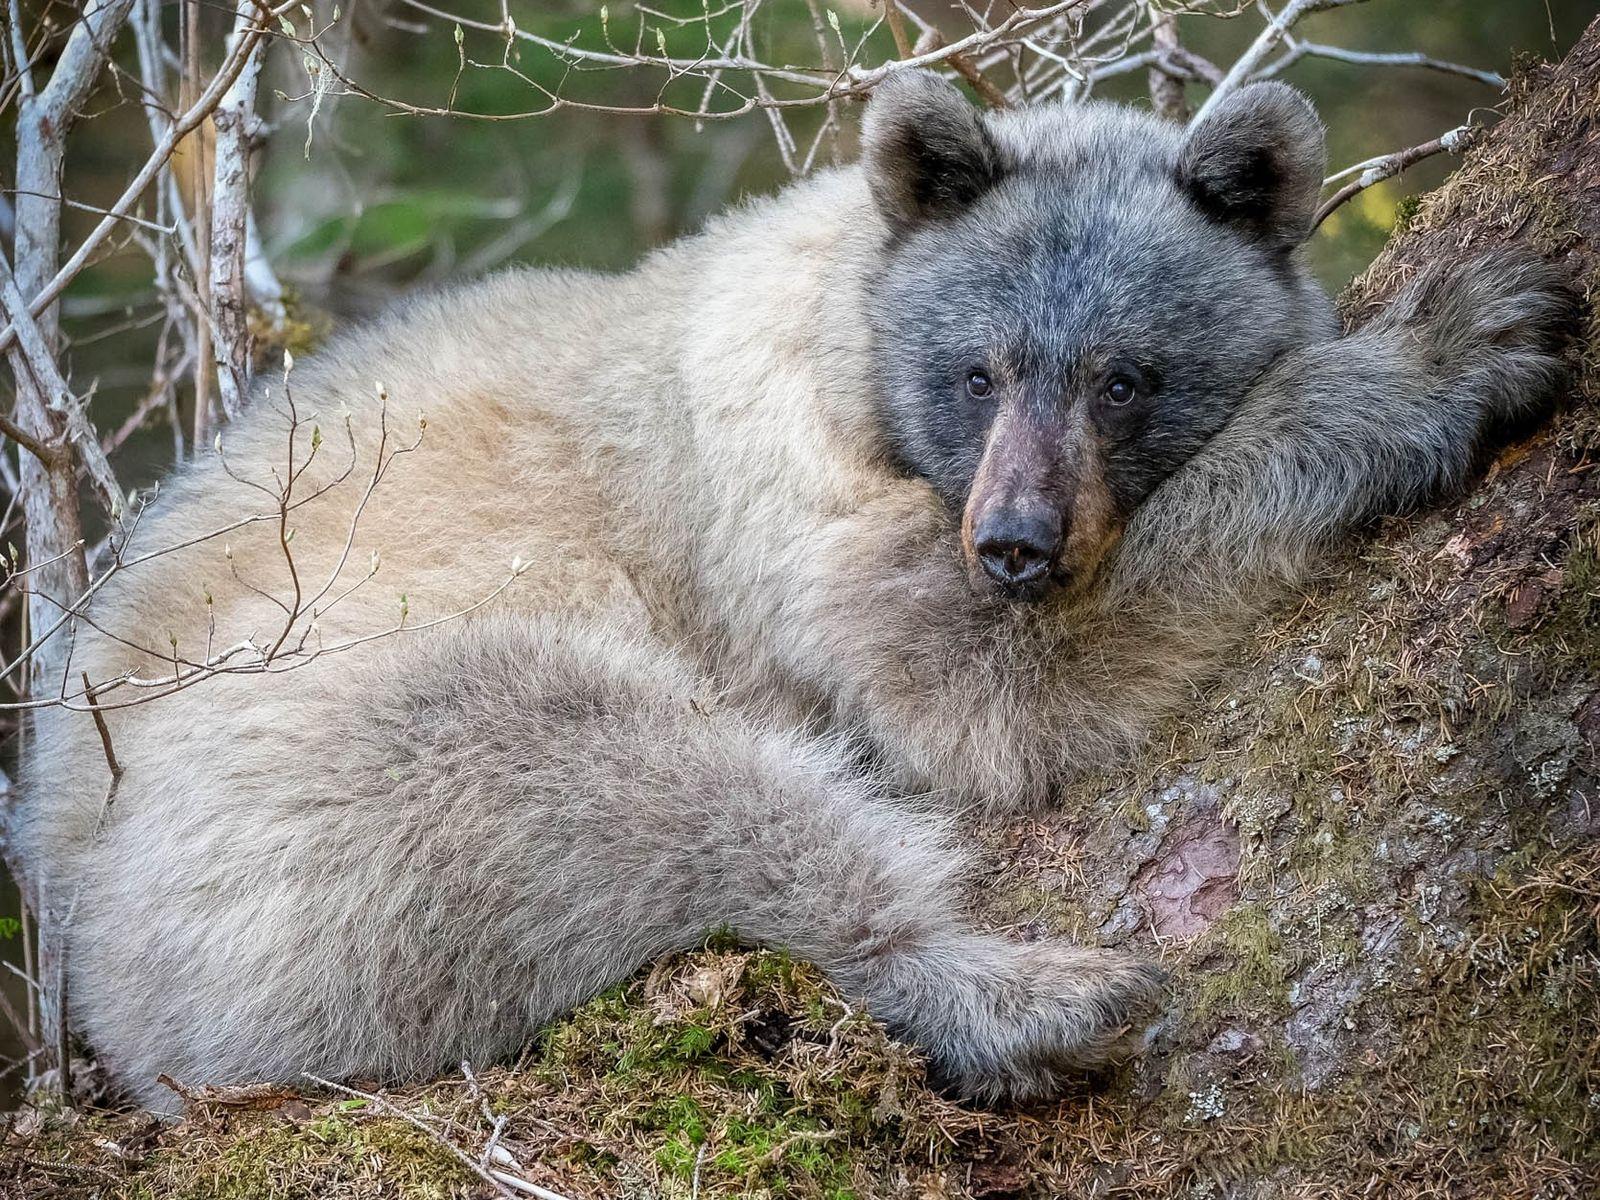 Un Ursus americanus emmonsii se repose au pied d'un arbre dans la forêt nationale de Tongass ...